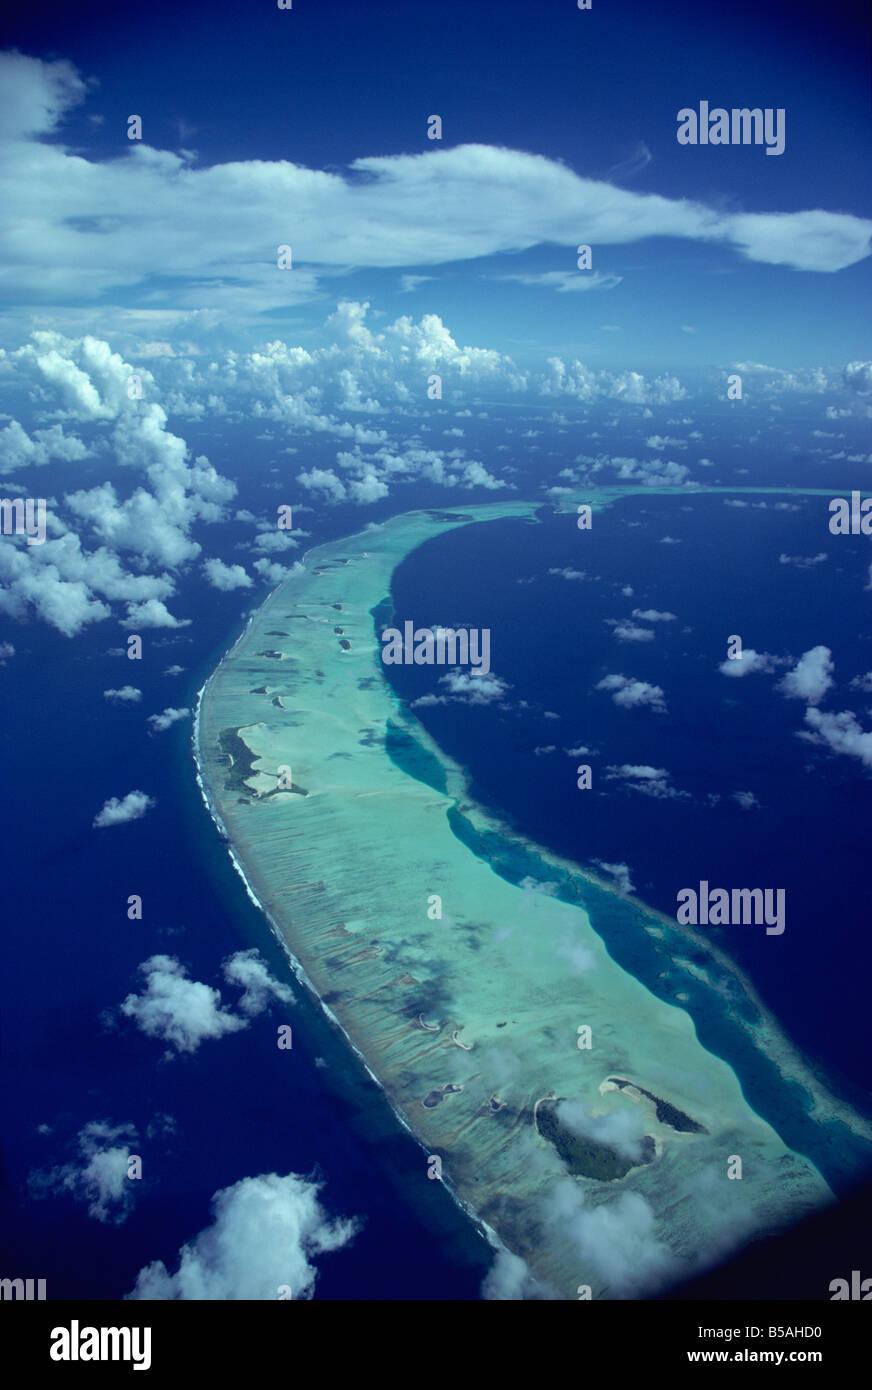 Las Islas Maldivas, Océano Índico Imagen De Stock